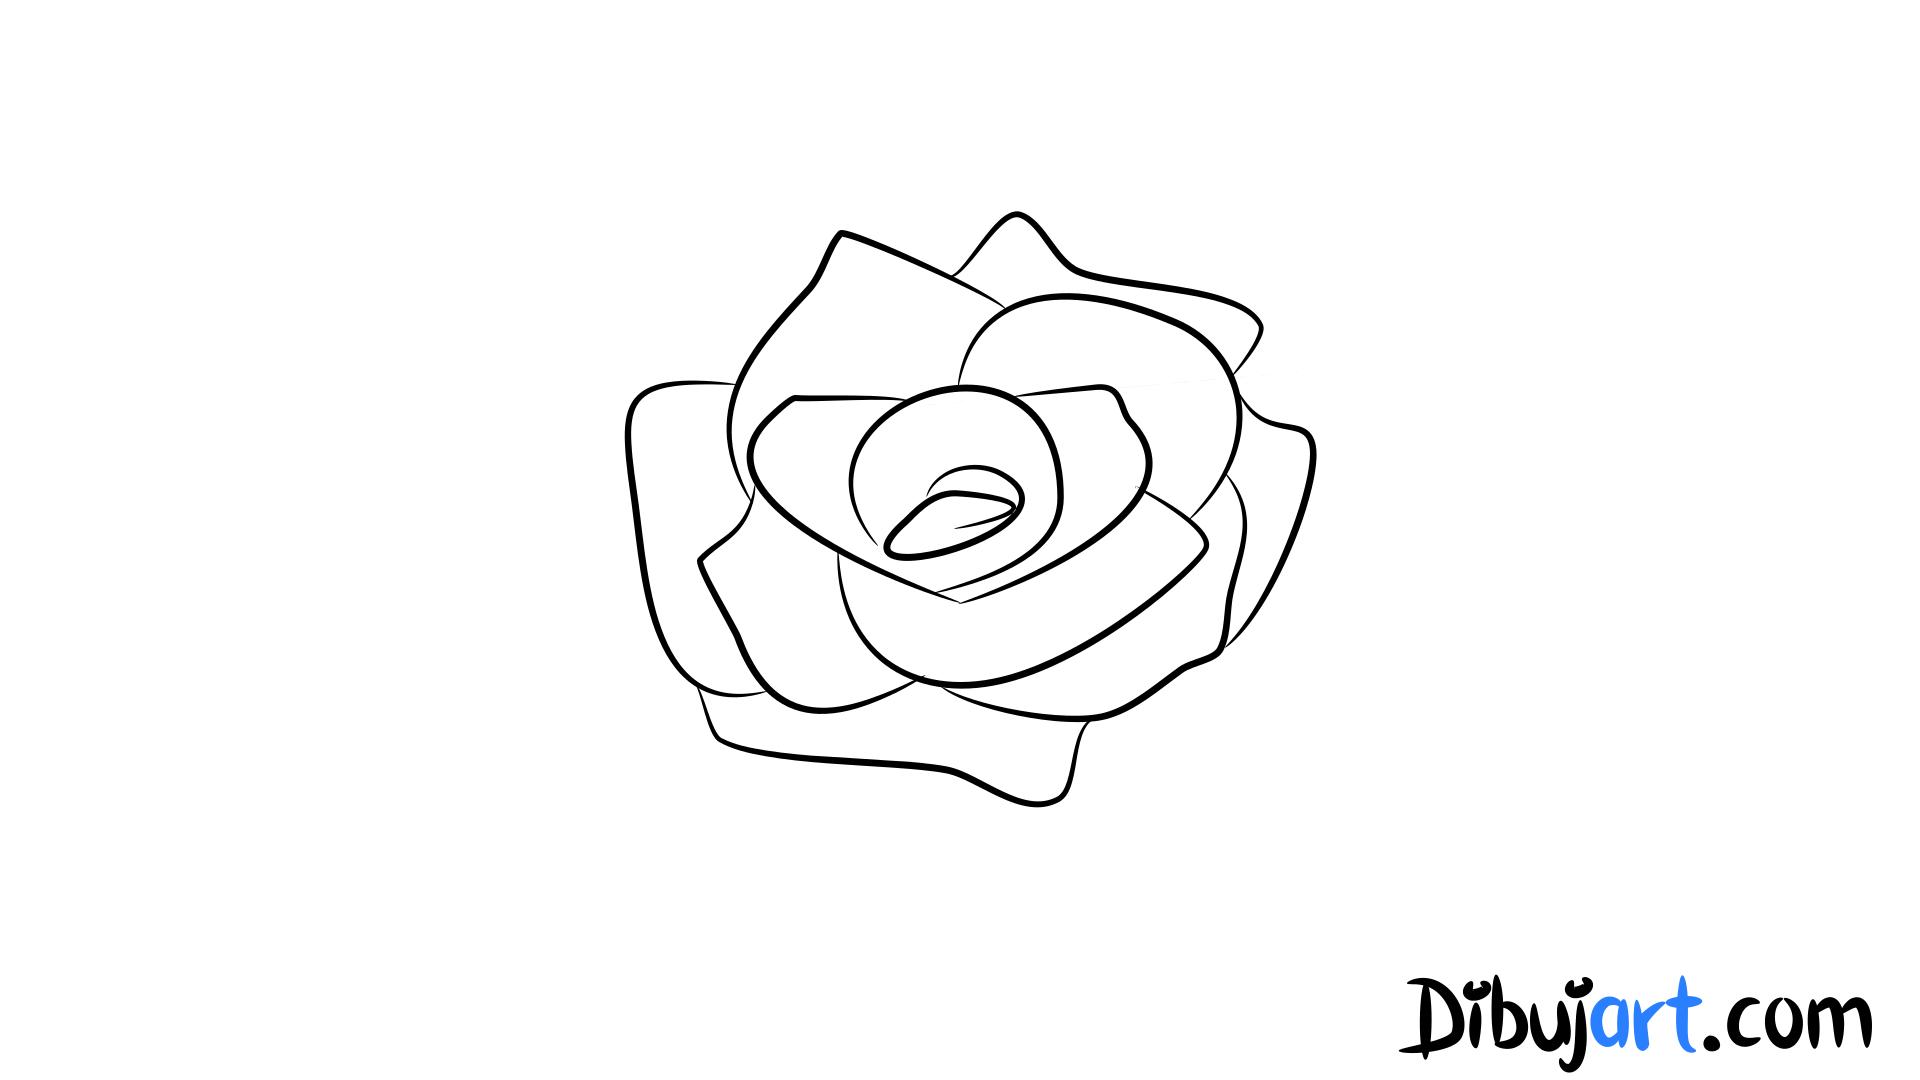 Como Dibujar Una Rosa Sencilla Y Facil 6 Serie De Dibujos De